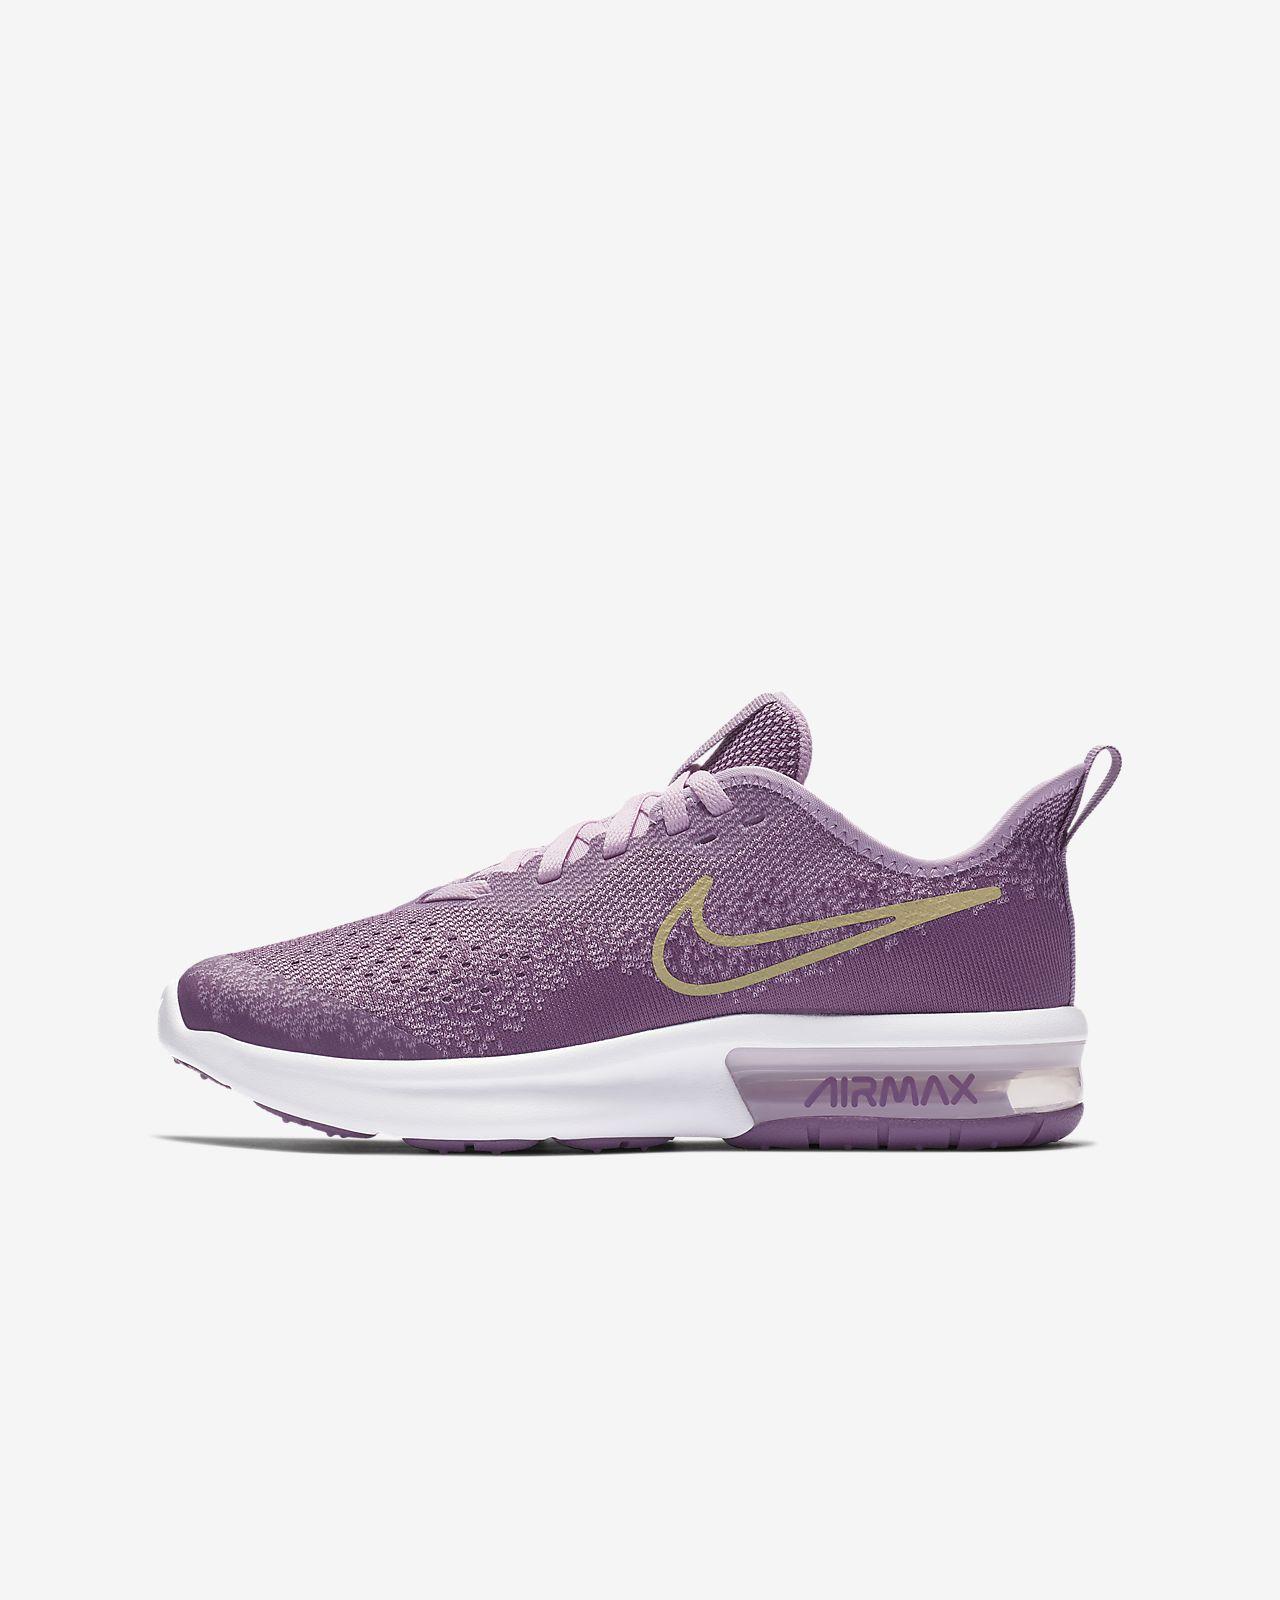 4 Nike Air Nagyobb Sequent Max Cipő GyerekeknekHu mN8nwyv0OP